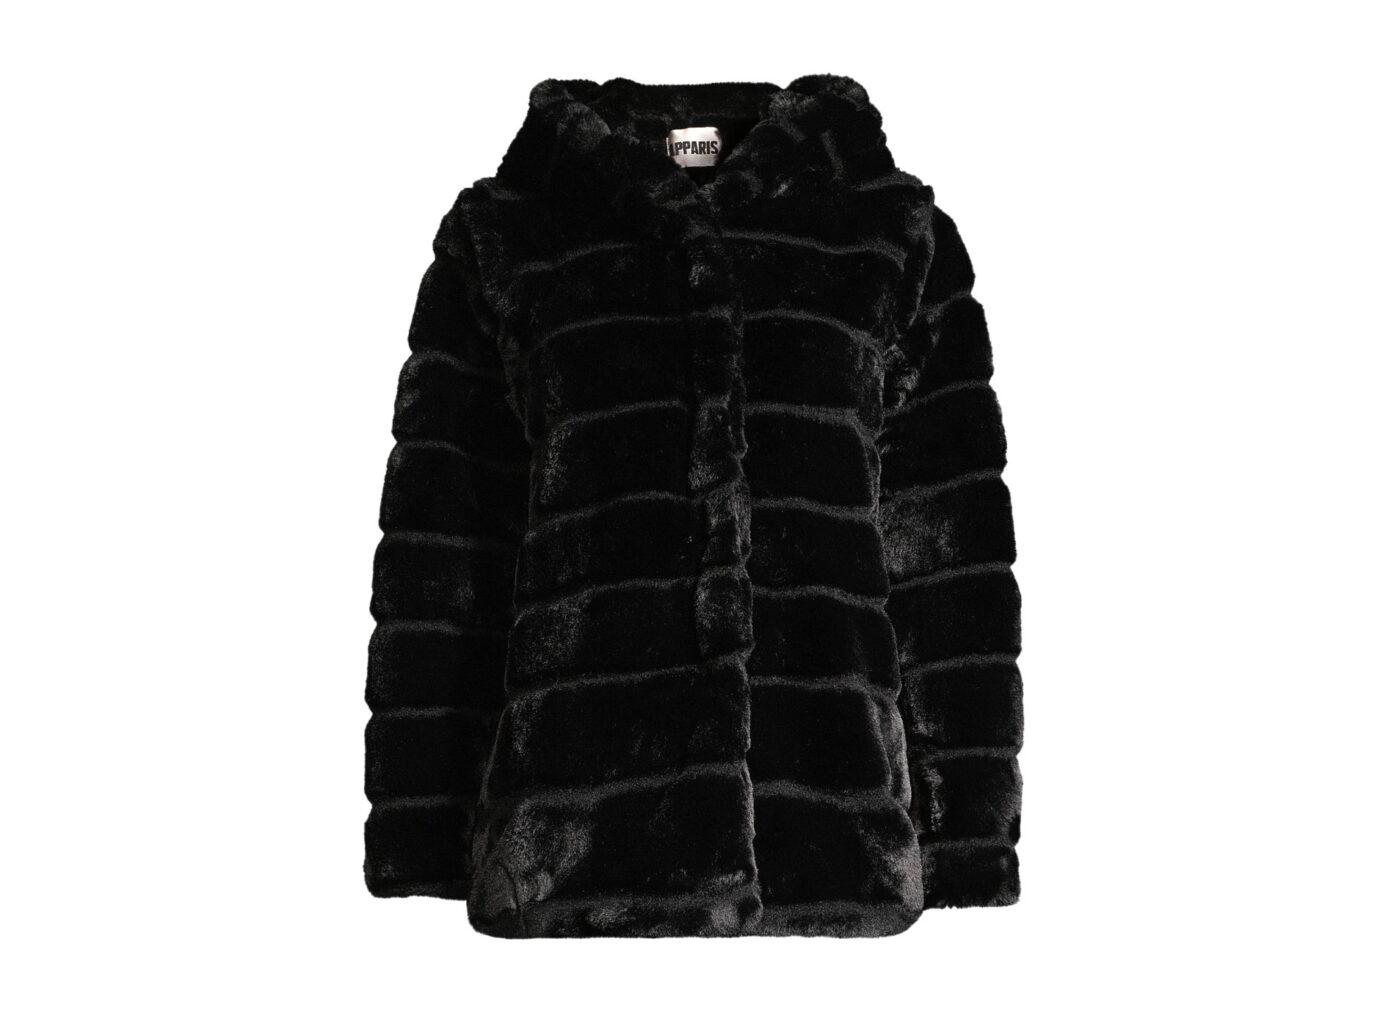 Apparis Goldie Hooded Faux Fur Jacket